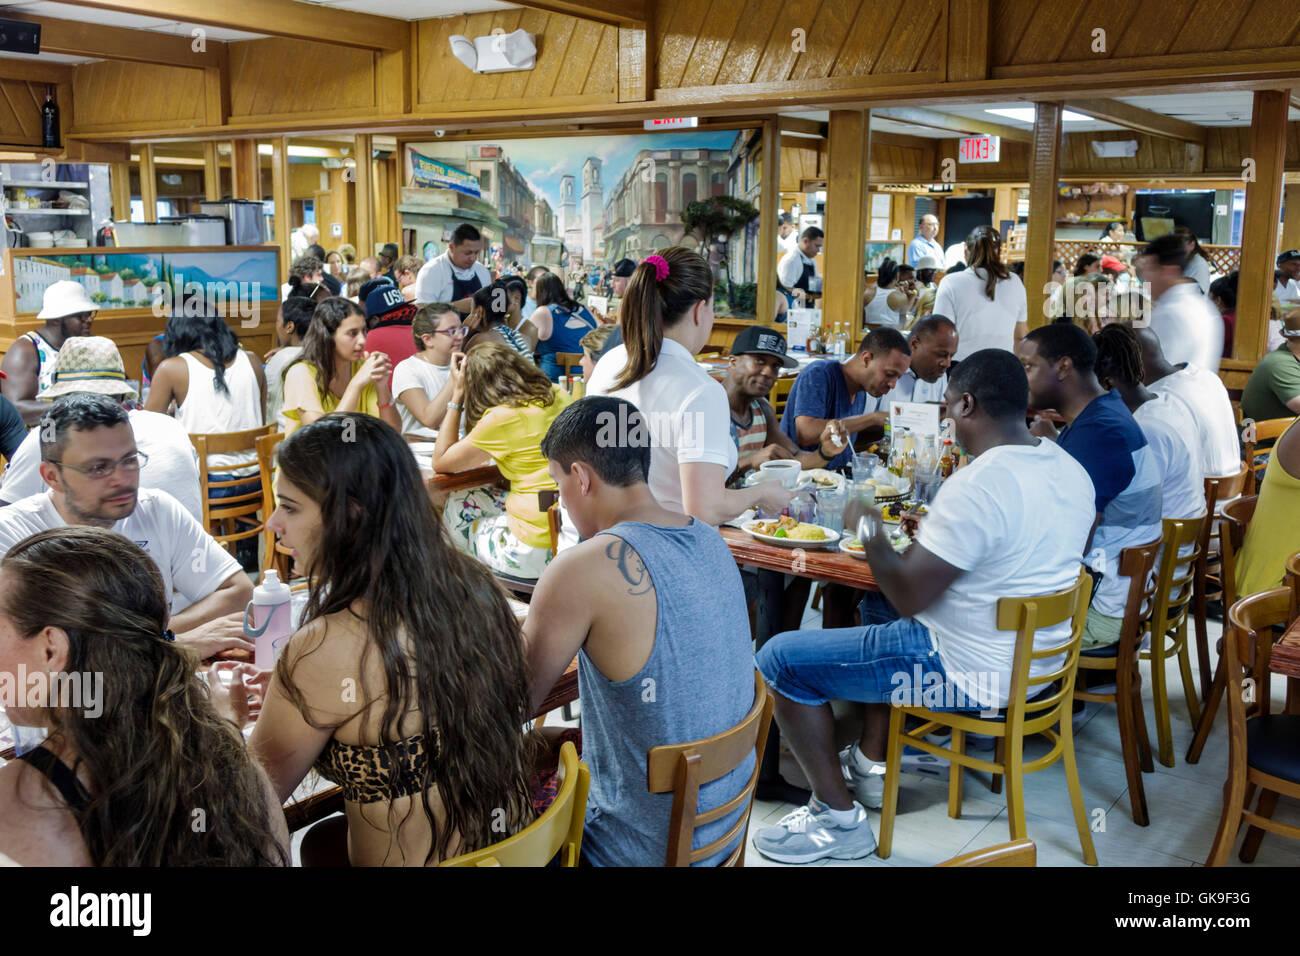 Florida Miami Beach South Beach Collins Avenue Puerto Sagua restaurante informal restaurante cocina cubana comida Imagen De Stock